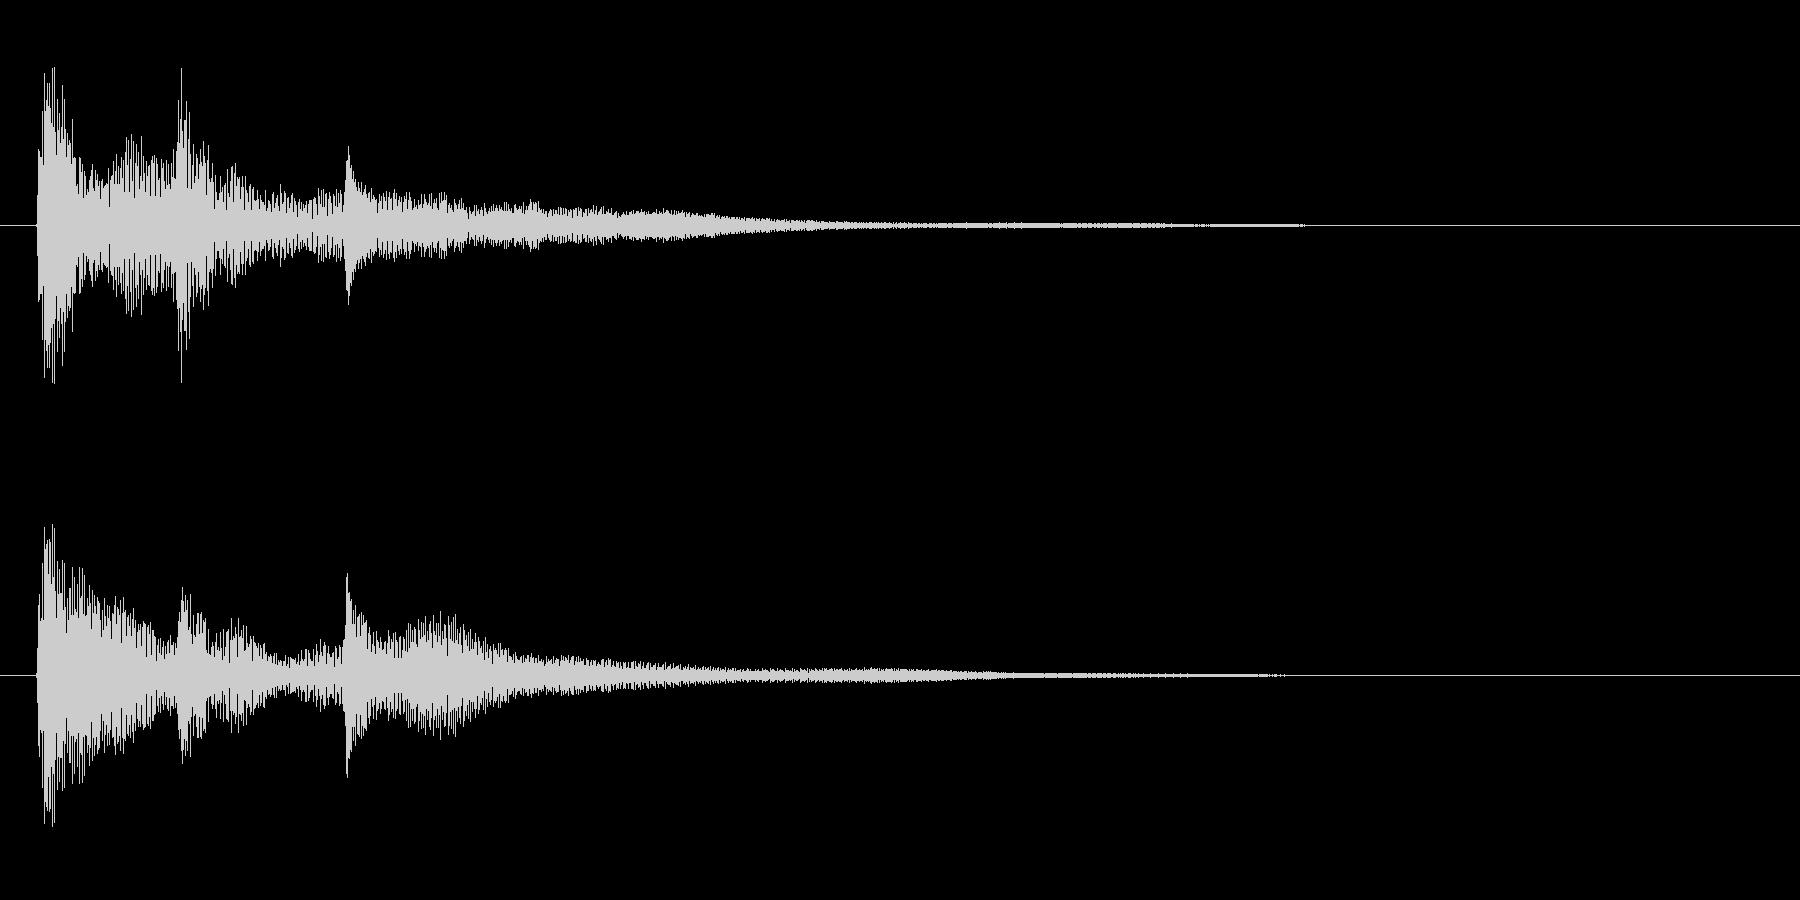 サウンドロゴ(企業ロゴ)_006の未再生の波形